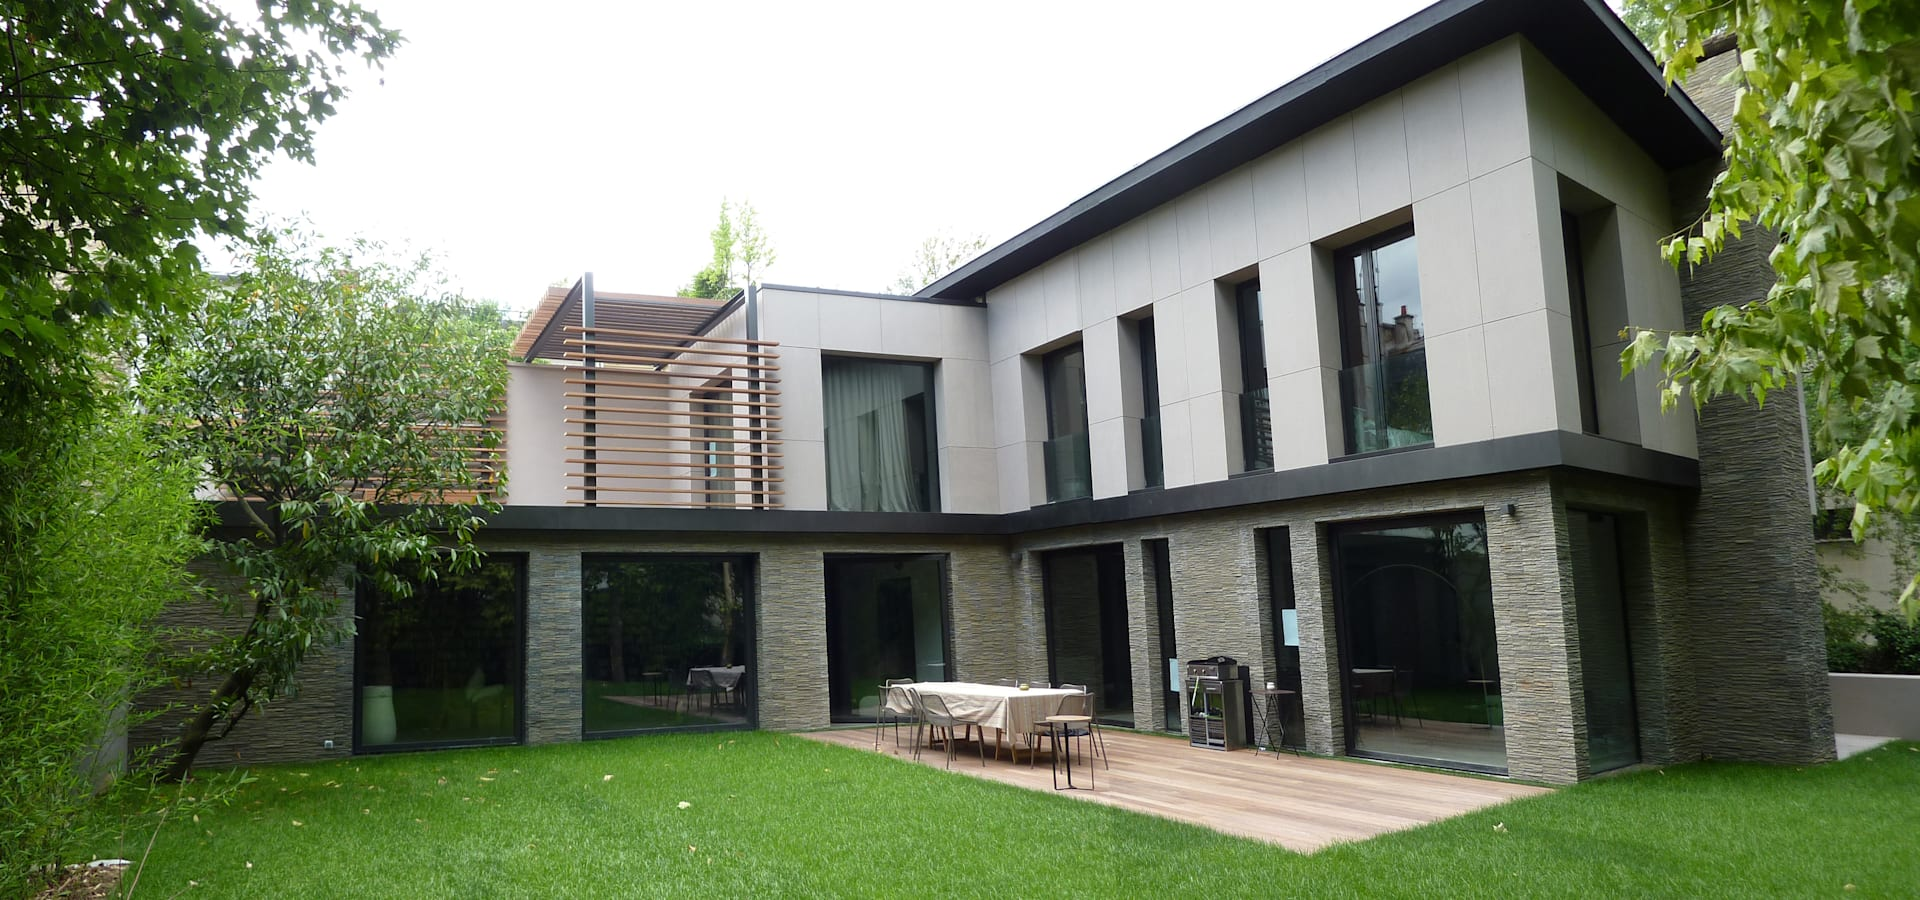 L+R architecture